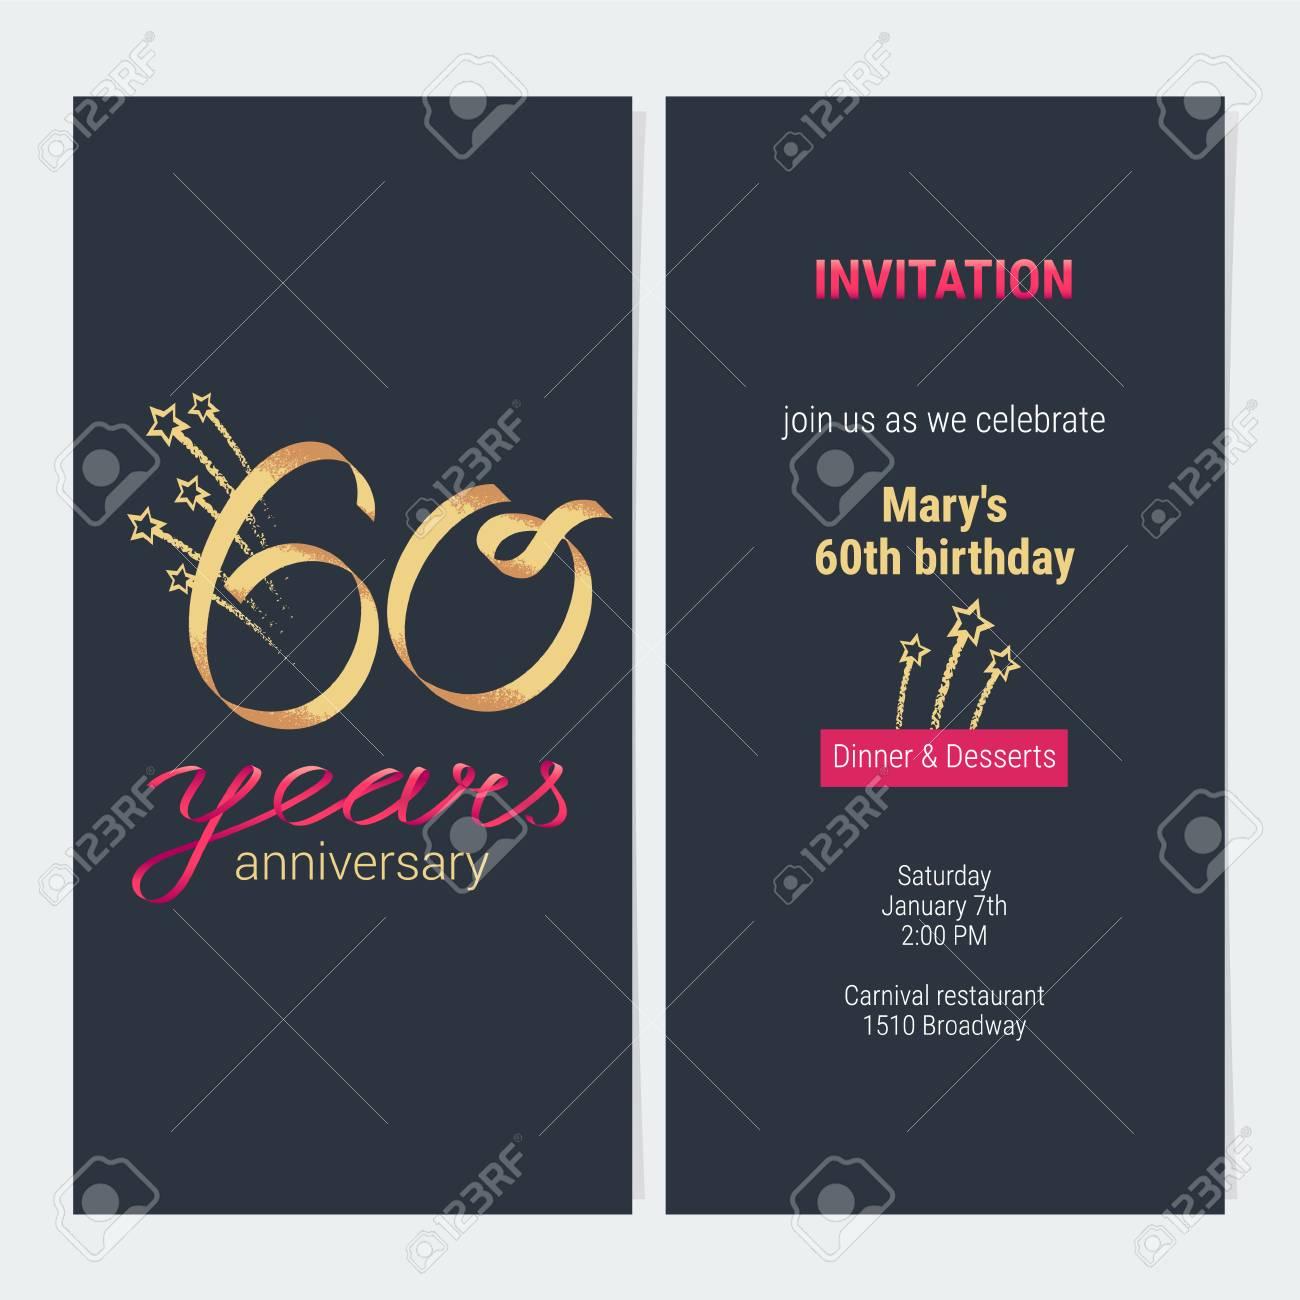 invitation anniversaire 60 ans pour celebrer l illustration vectorielle element de modele de conception avec nombre d or et texte pour 60e carte